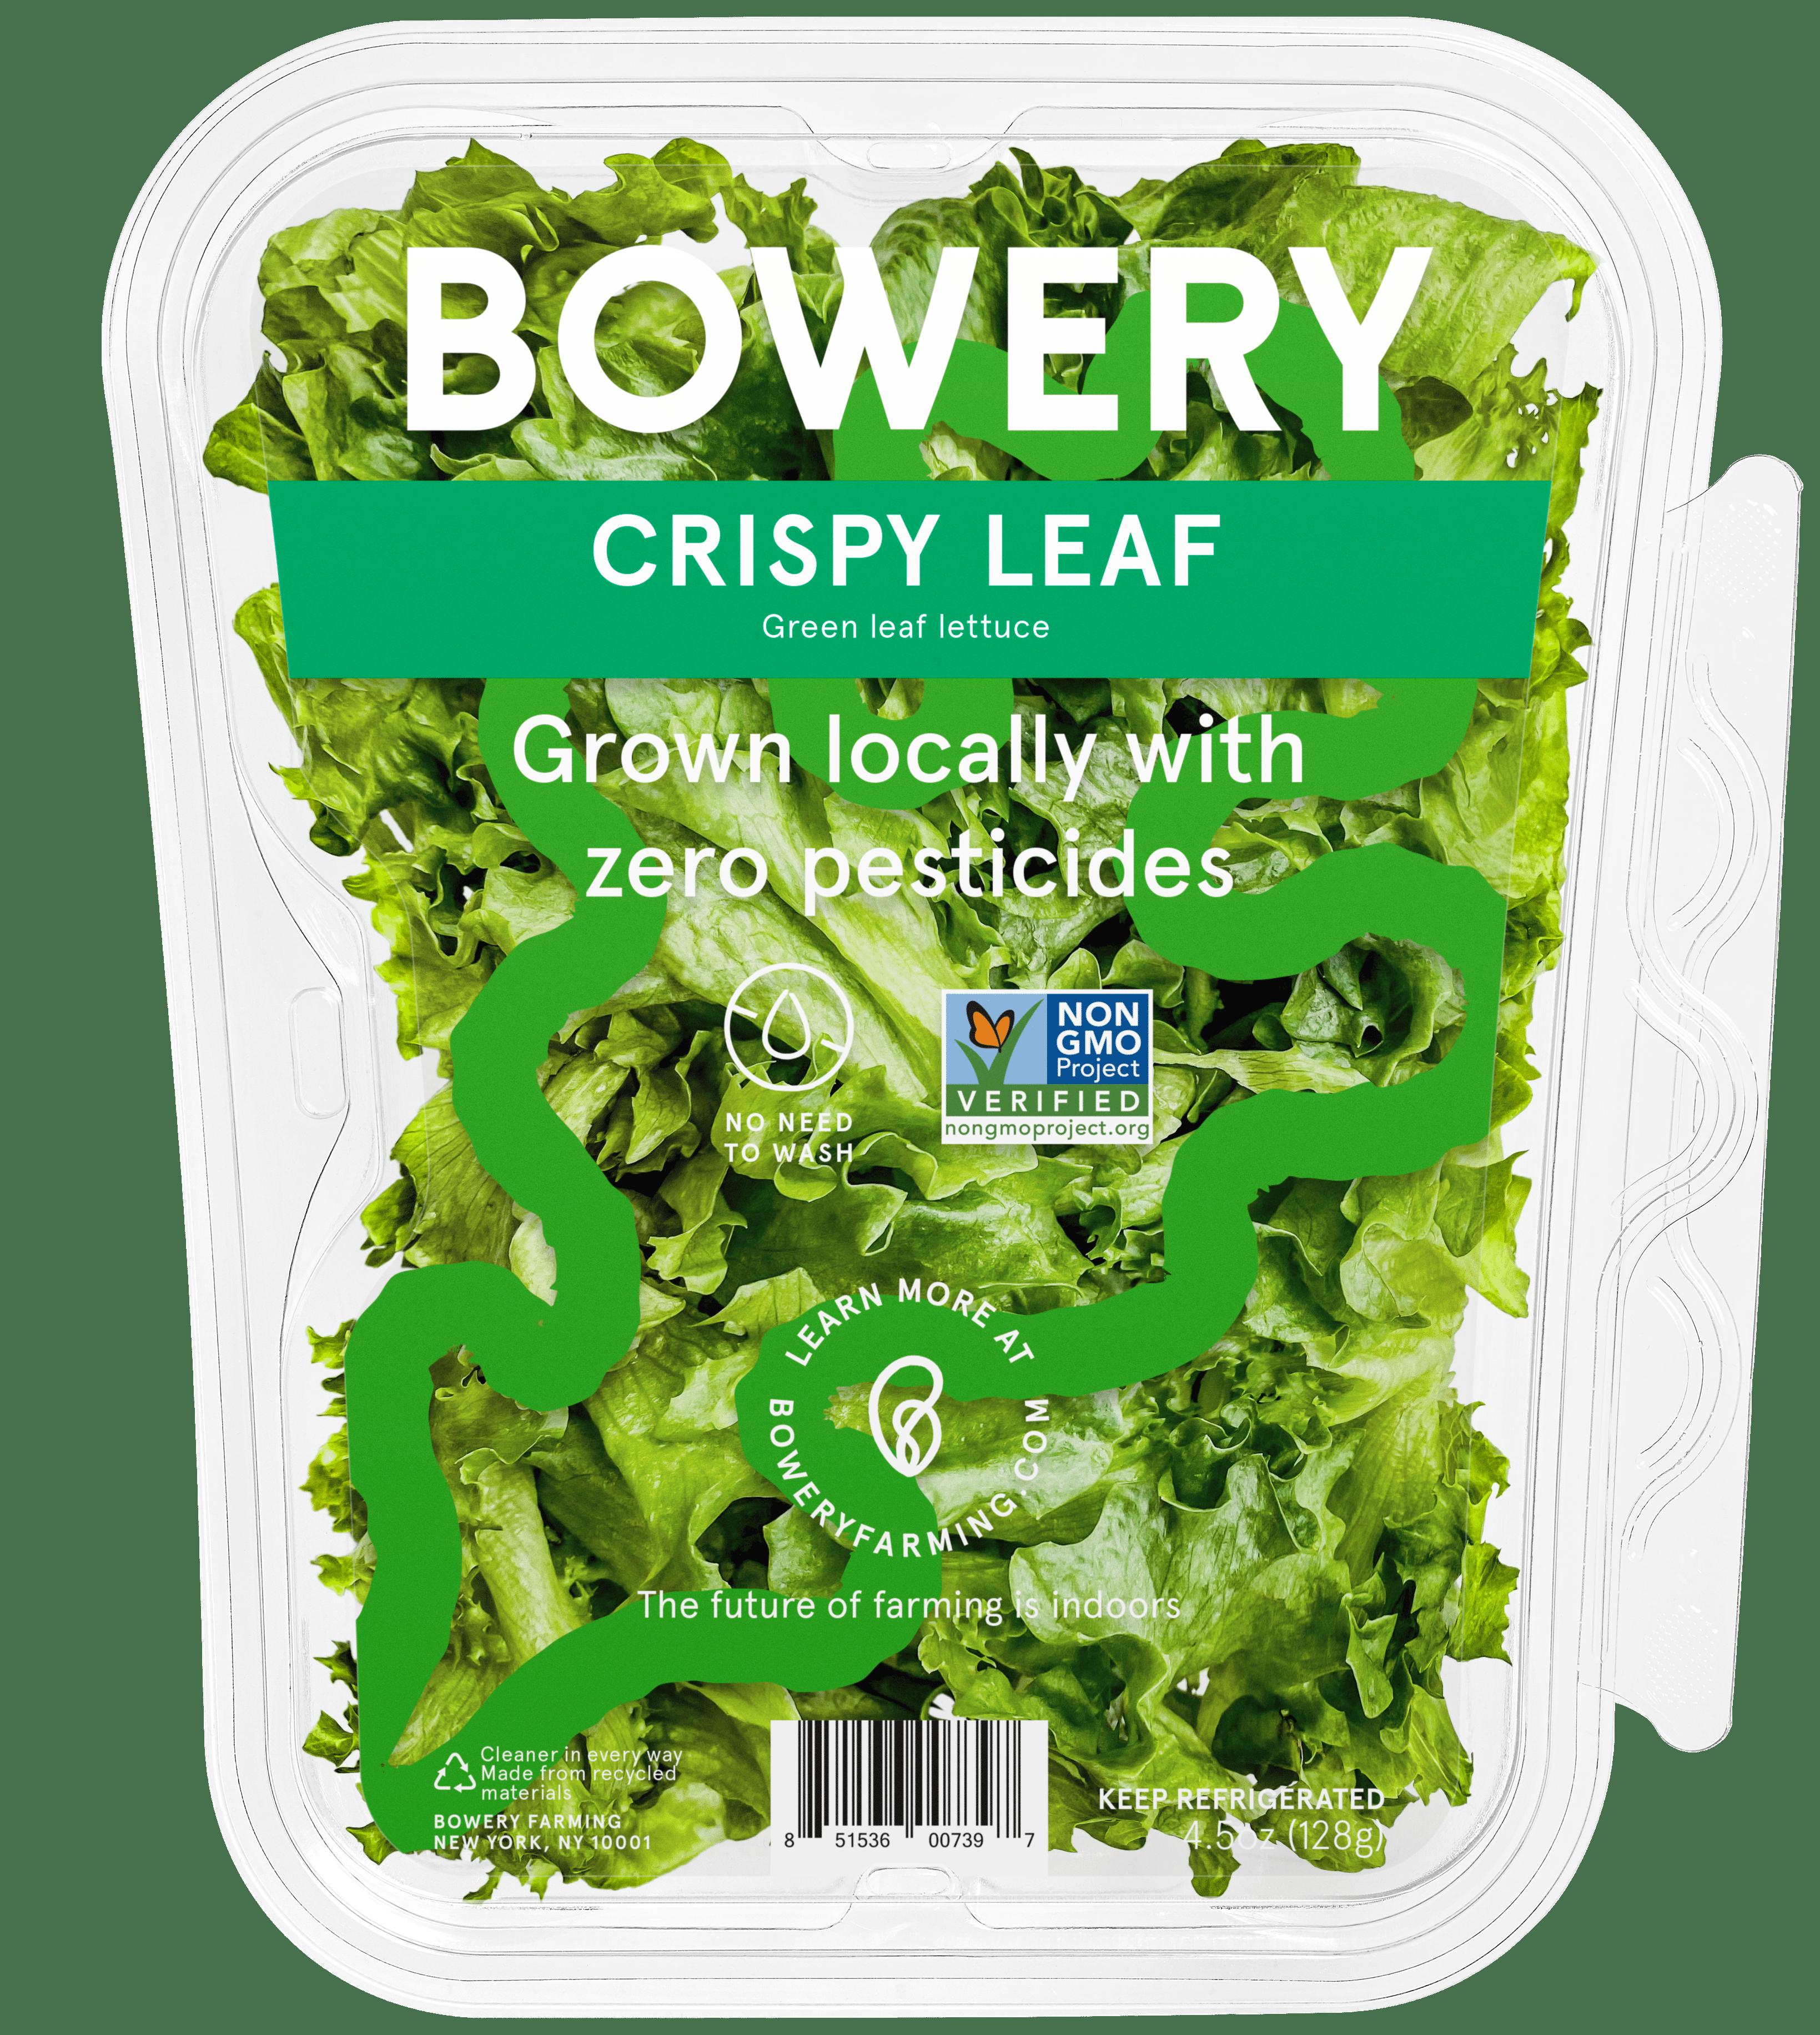 Bowery Farming Introduces Crispy Leaf Lettuce